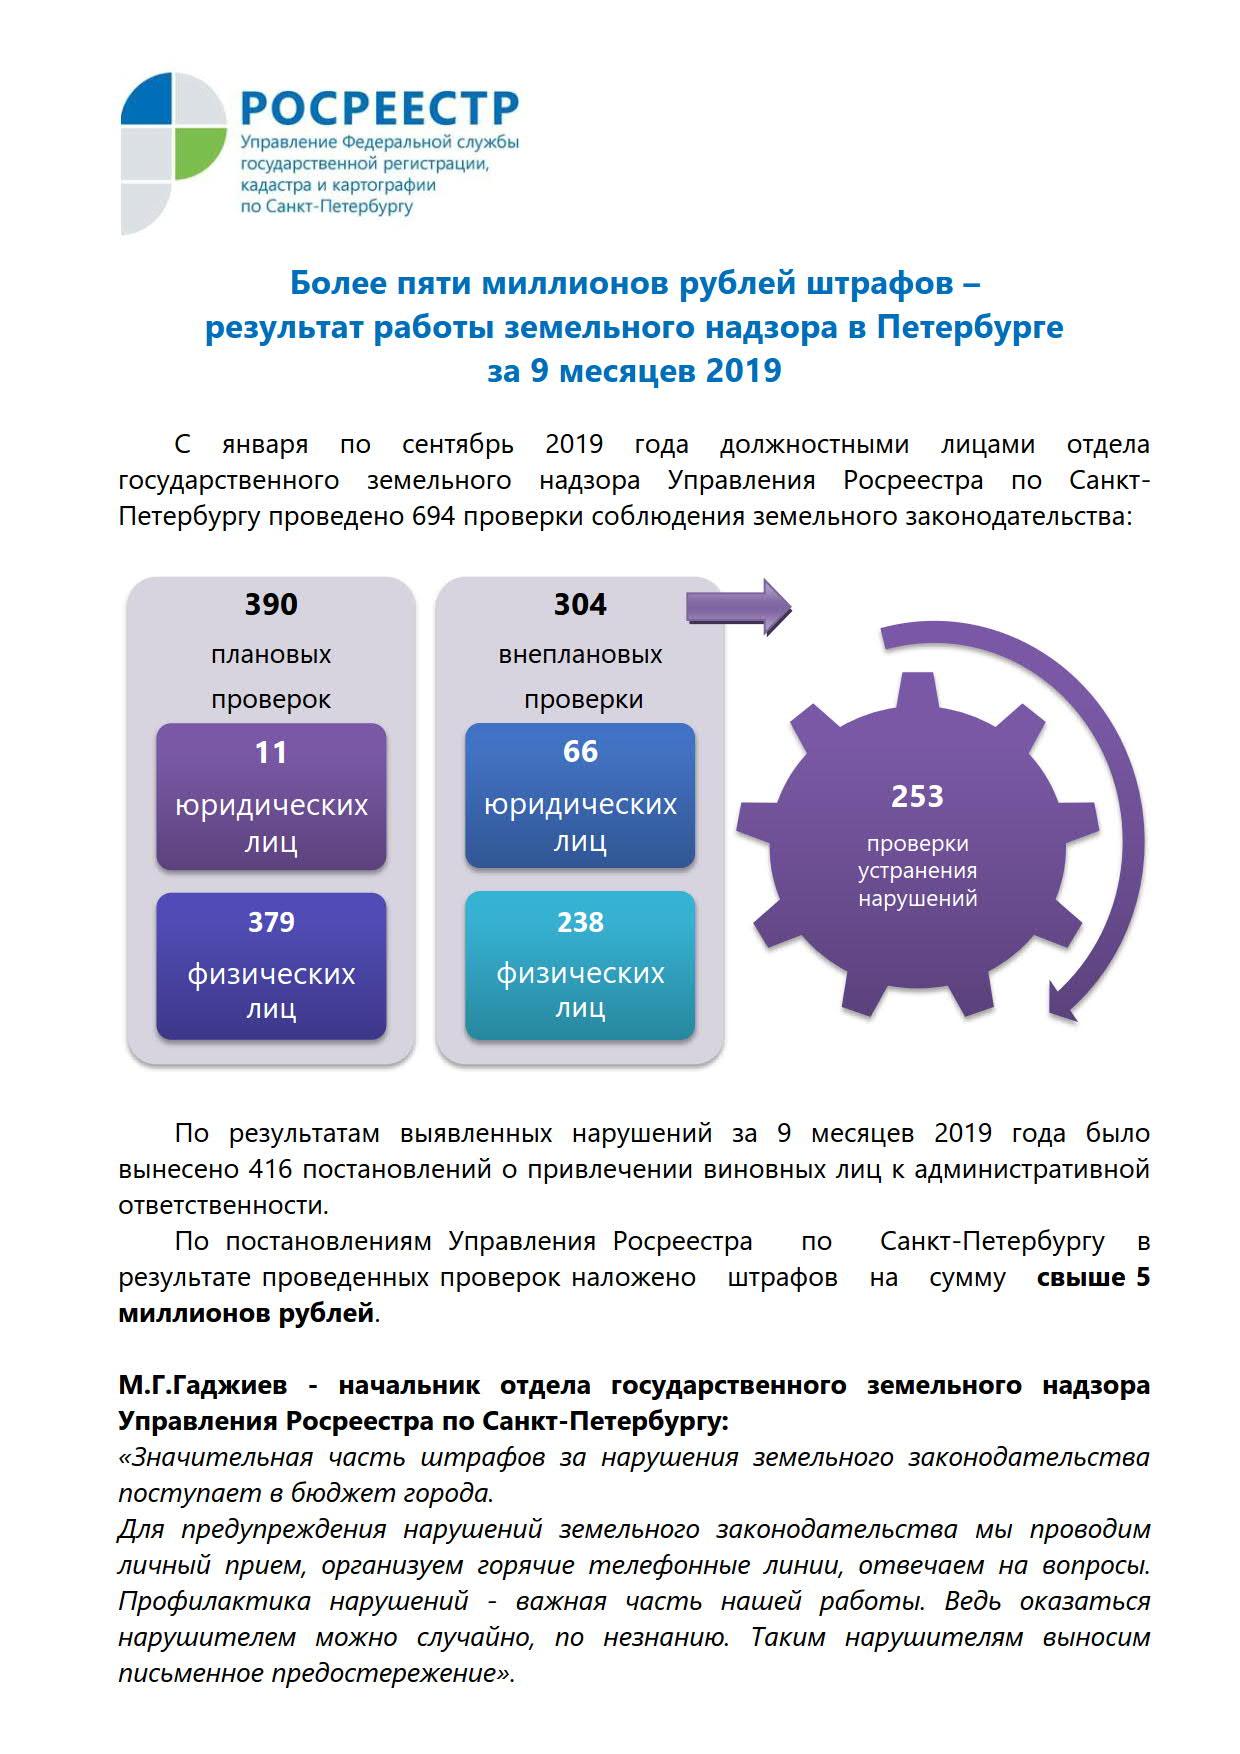 Более 5 миллионов рублей штрафов - результат работы земельного надзора в Петербурге за 9 мес 2019_1